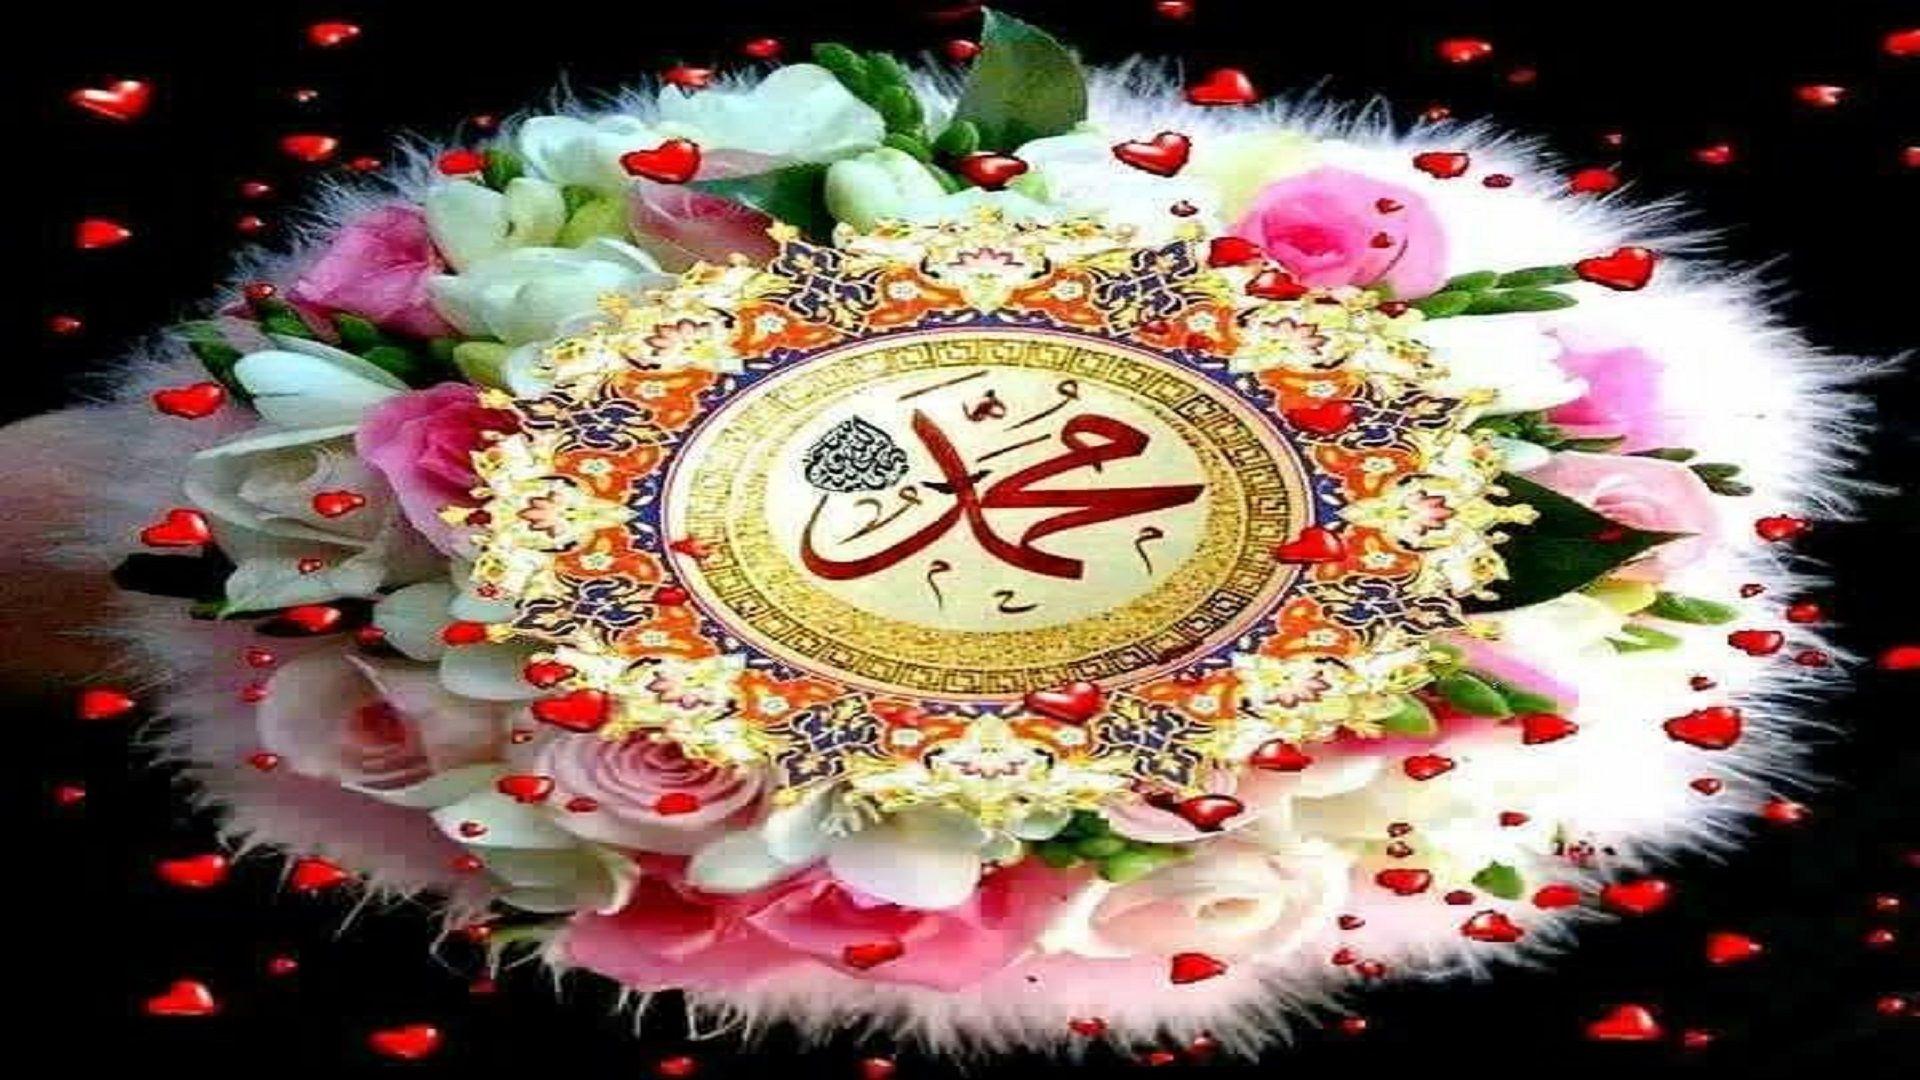 Pin On Islamic Wallpaper